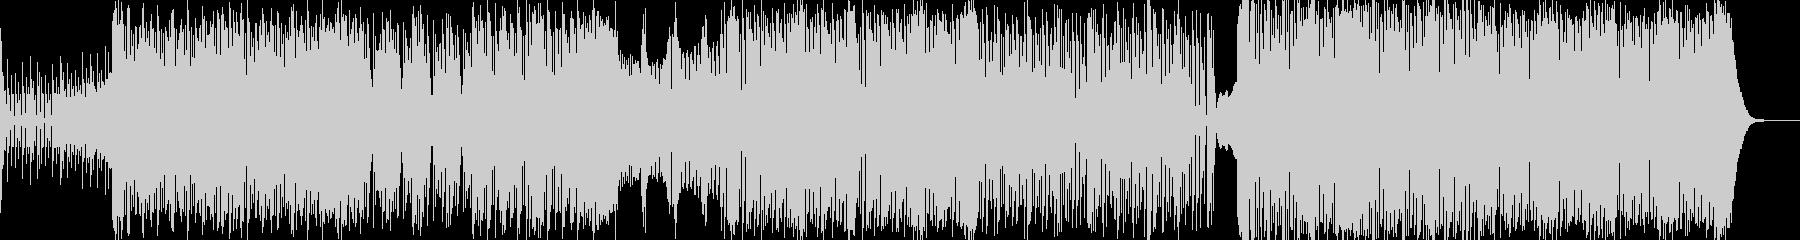 重低音系のTrap&Bassの未再生の波形